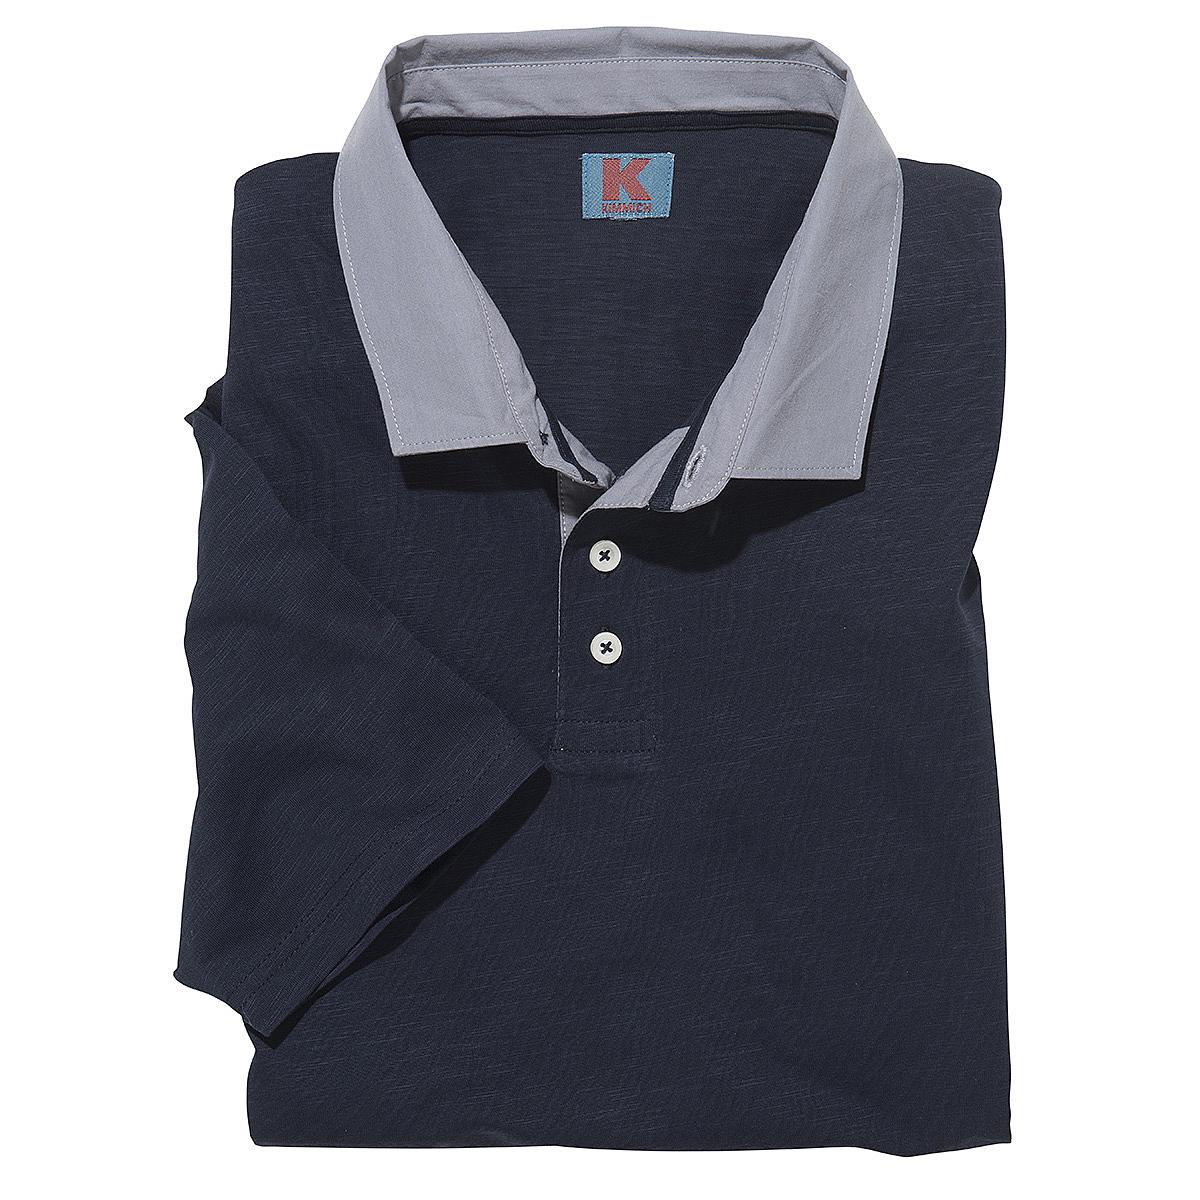 polo shirt mit gewebtem kragen flamm garn baumwolle. Black Bedroom Furniture Sets. Home Design Ideas